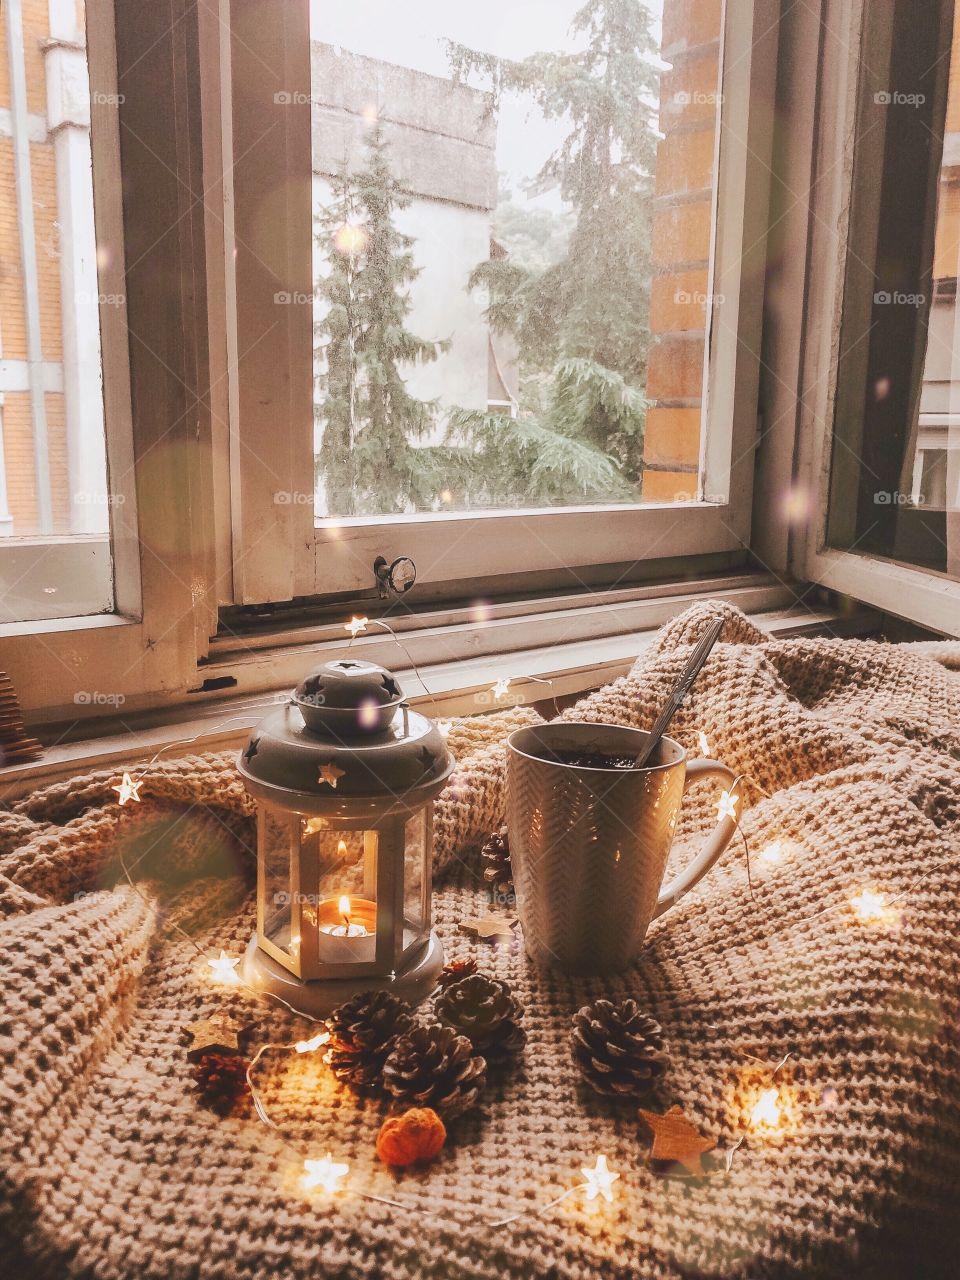 Getting cozy